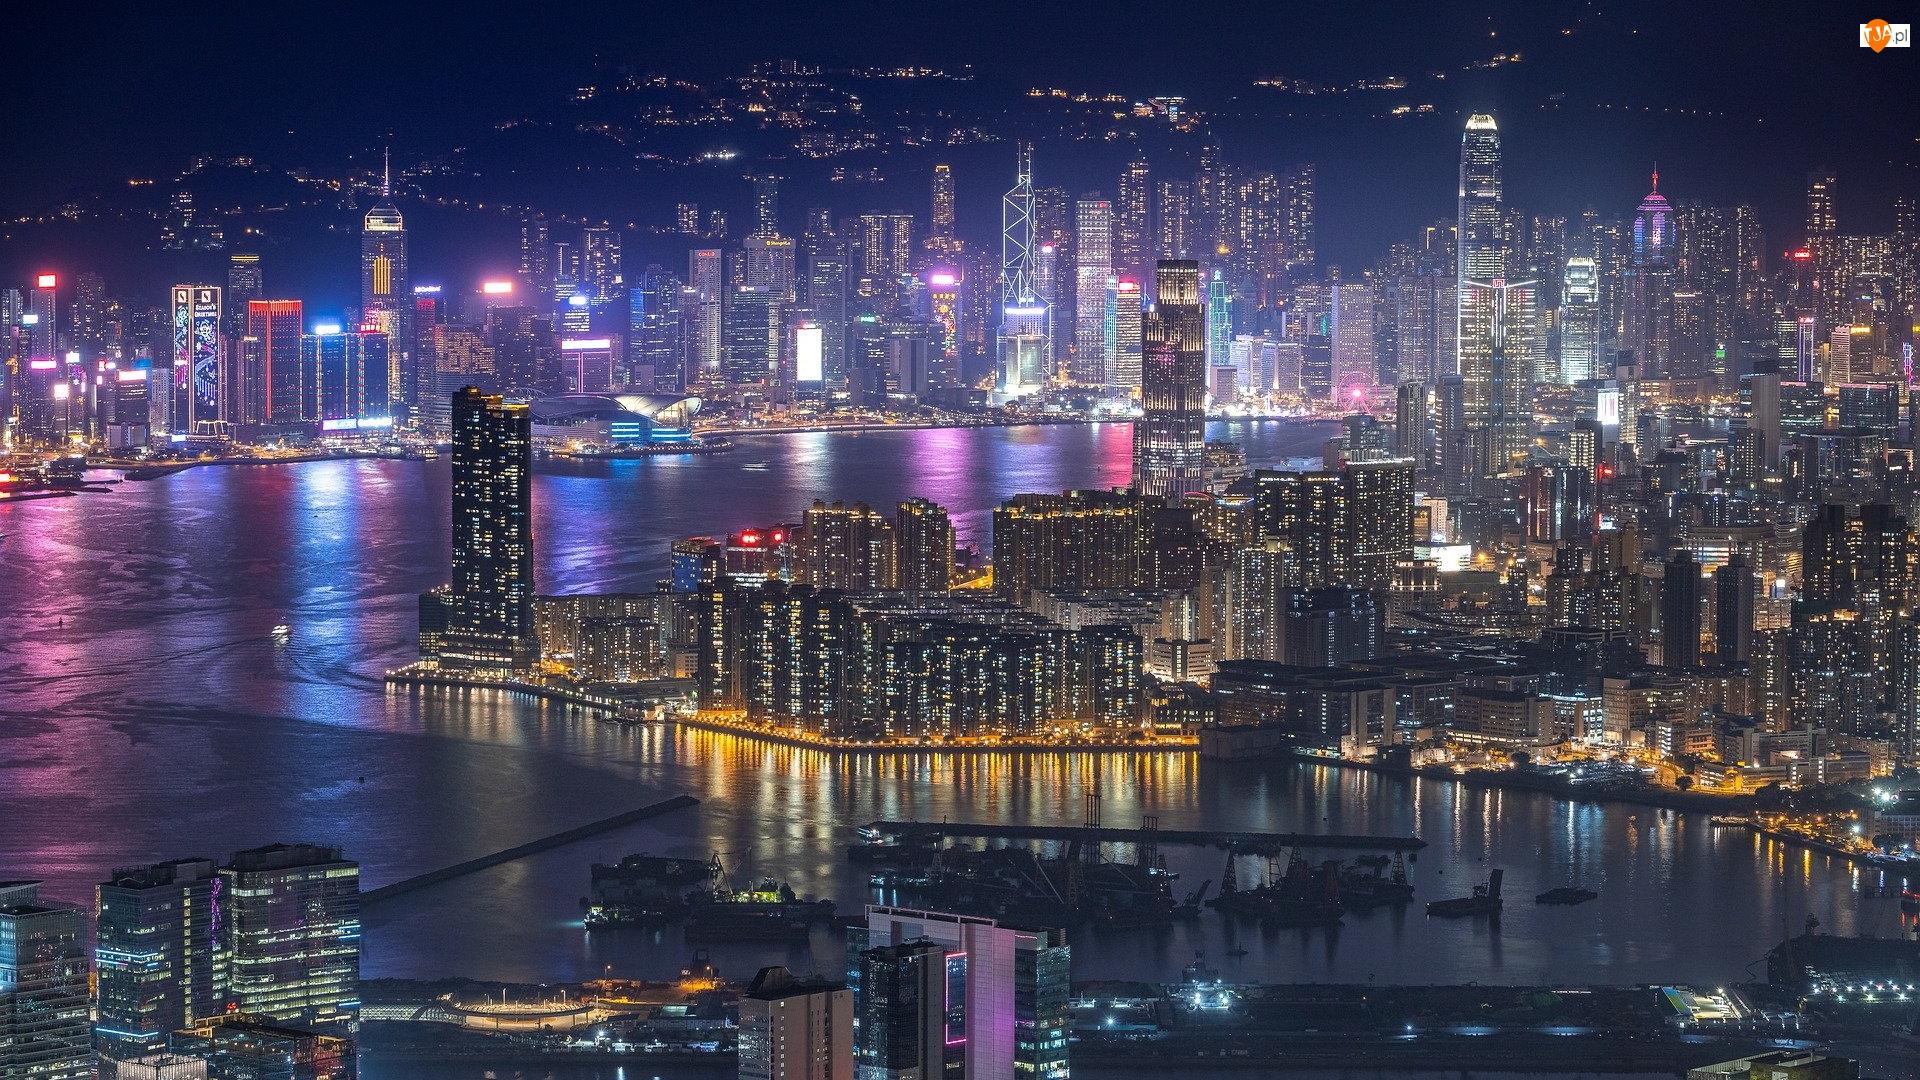 Chiny, Miasto nocą, Hongkong, Victoria Harbour, Rzeka Perłowa, Wieżowce, Zatoka, Noc, Port